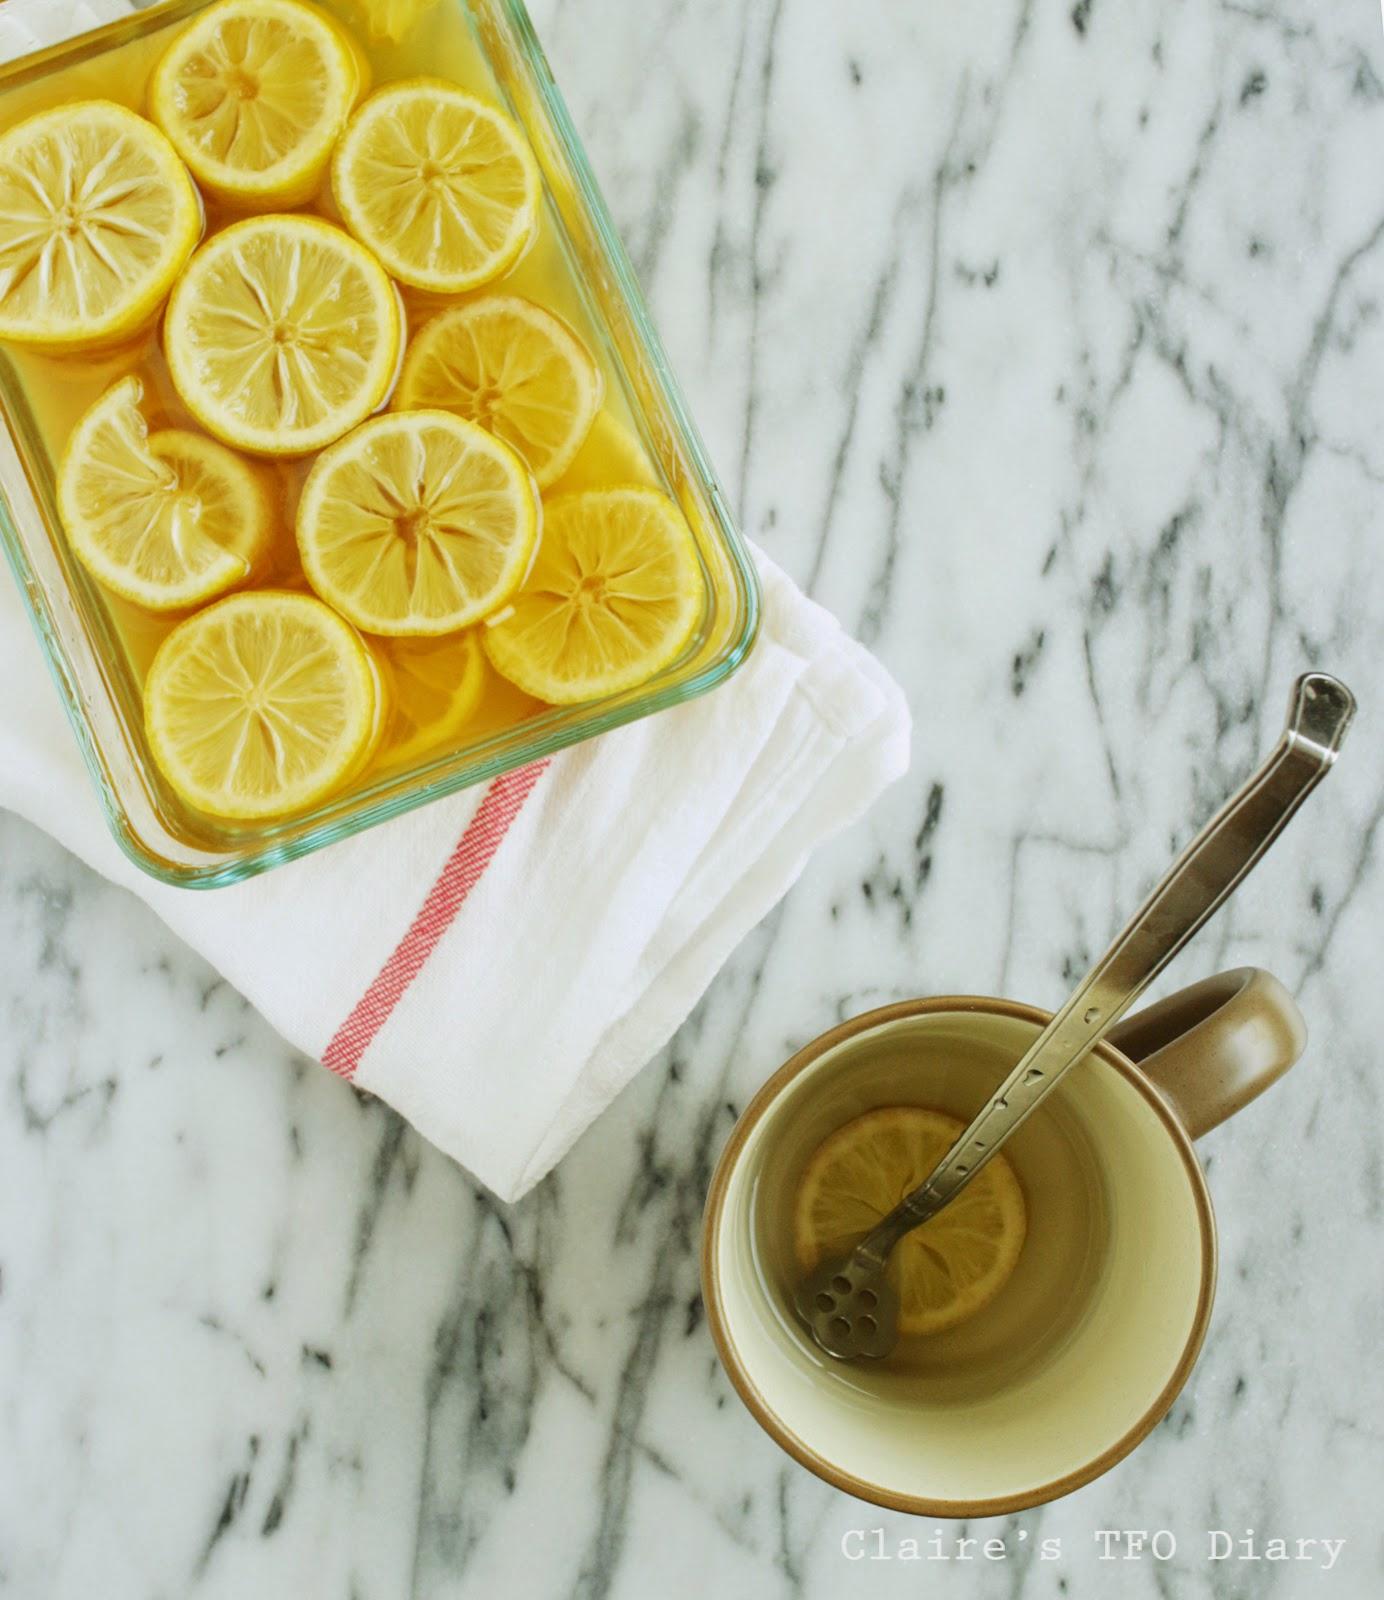 好冷喔,早上來杯溫蜂蜜檸檬水吧~~ - 假會人妻的TFO ...